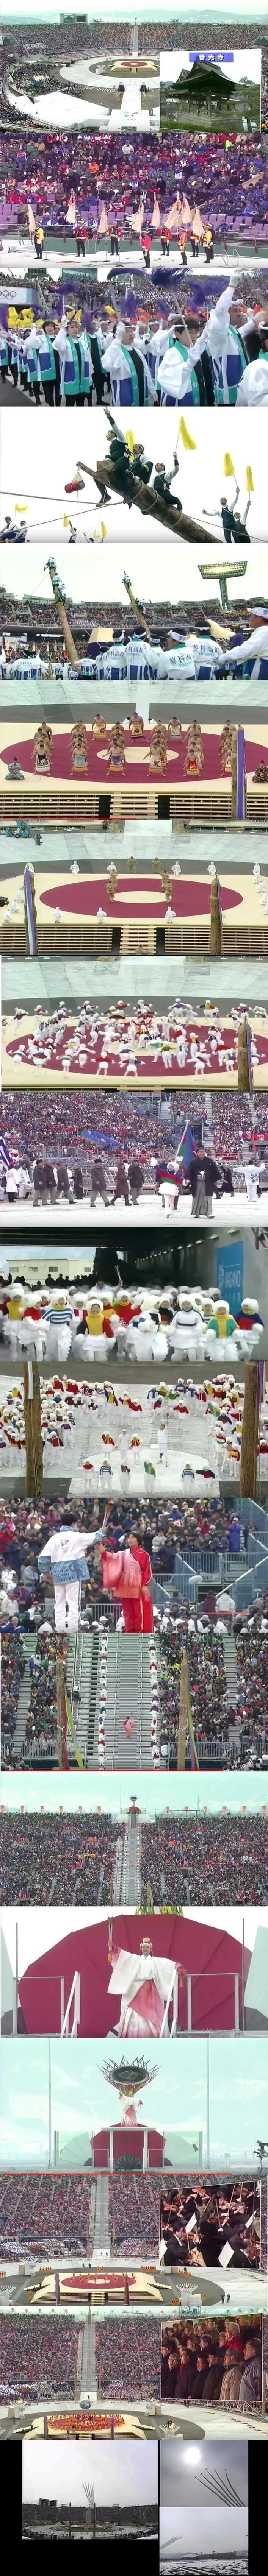 1518418061299.jpg 일본 나가노 올림픽 개막식 풍경 JPG